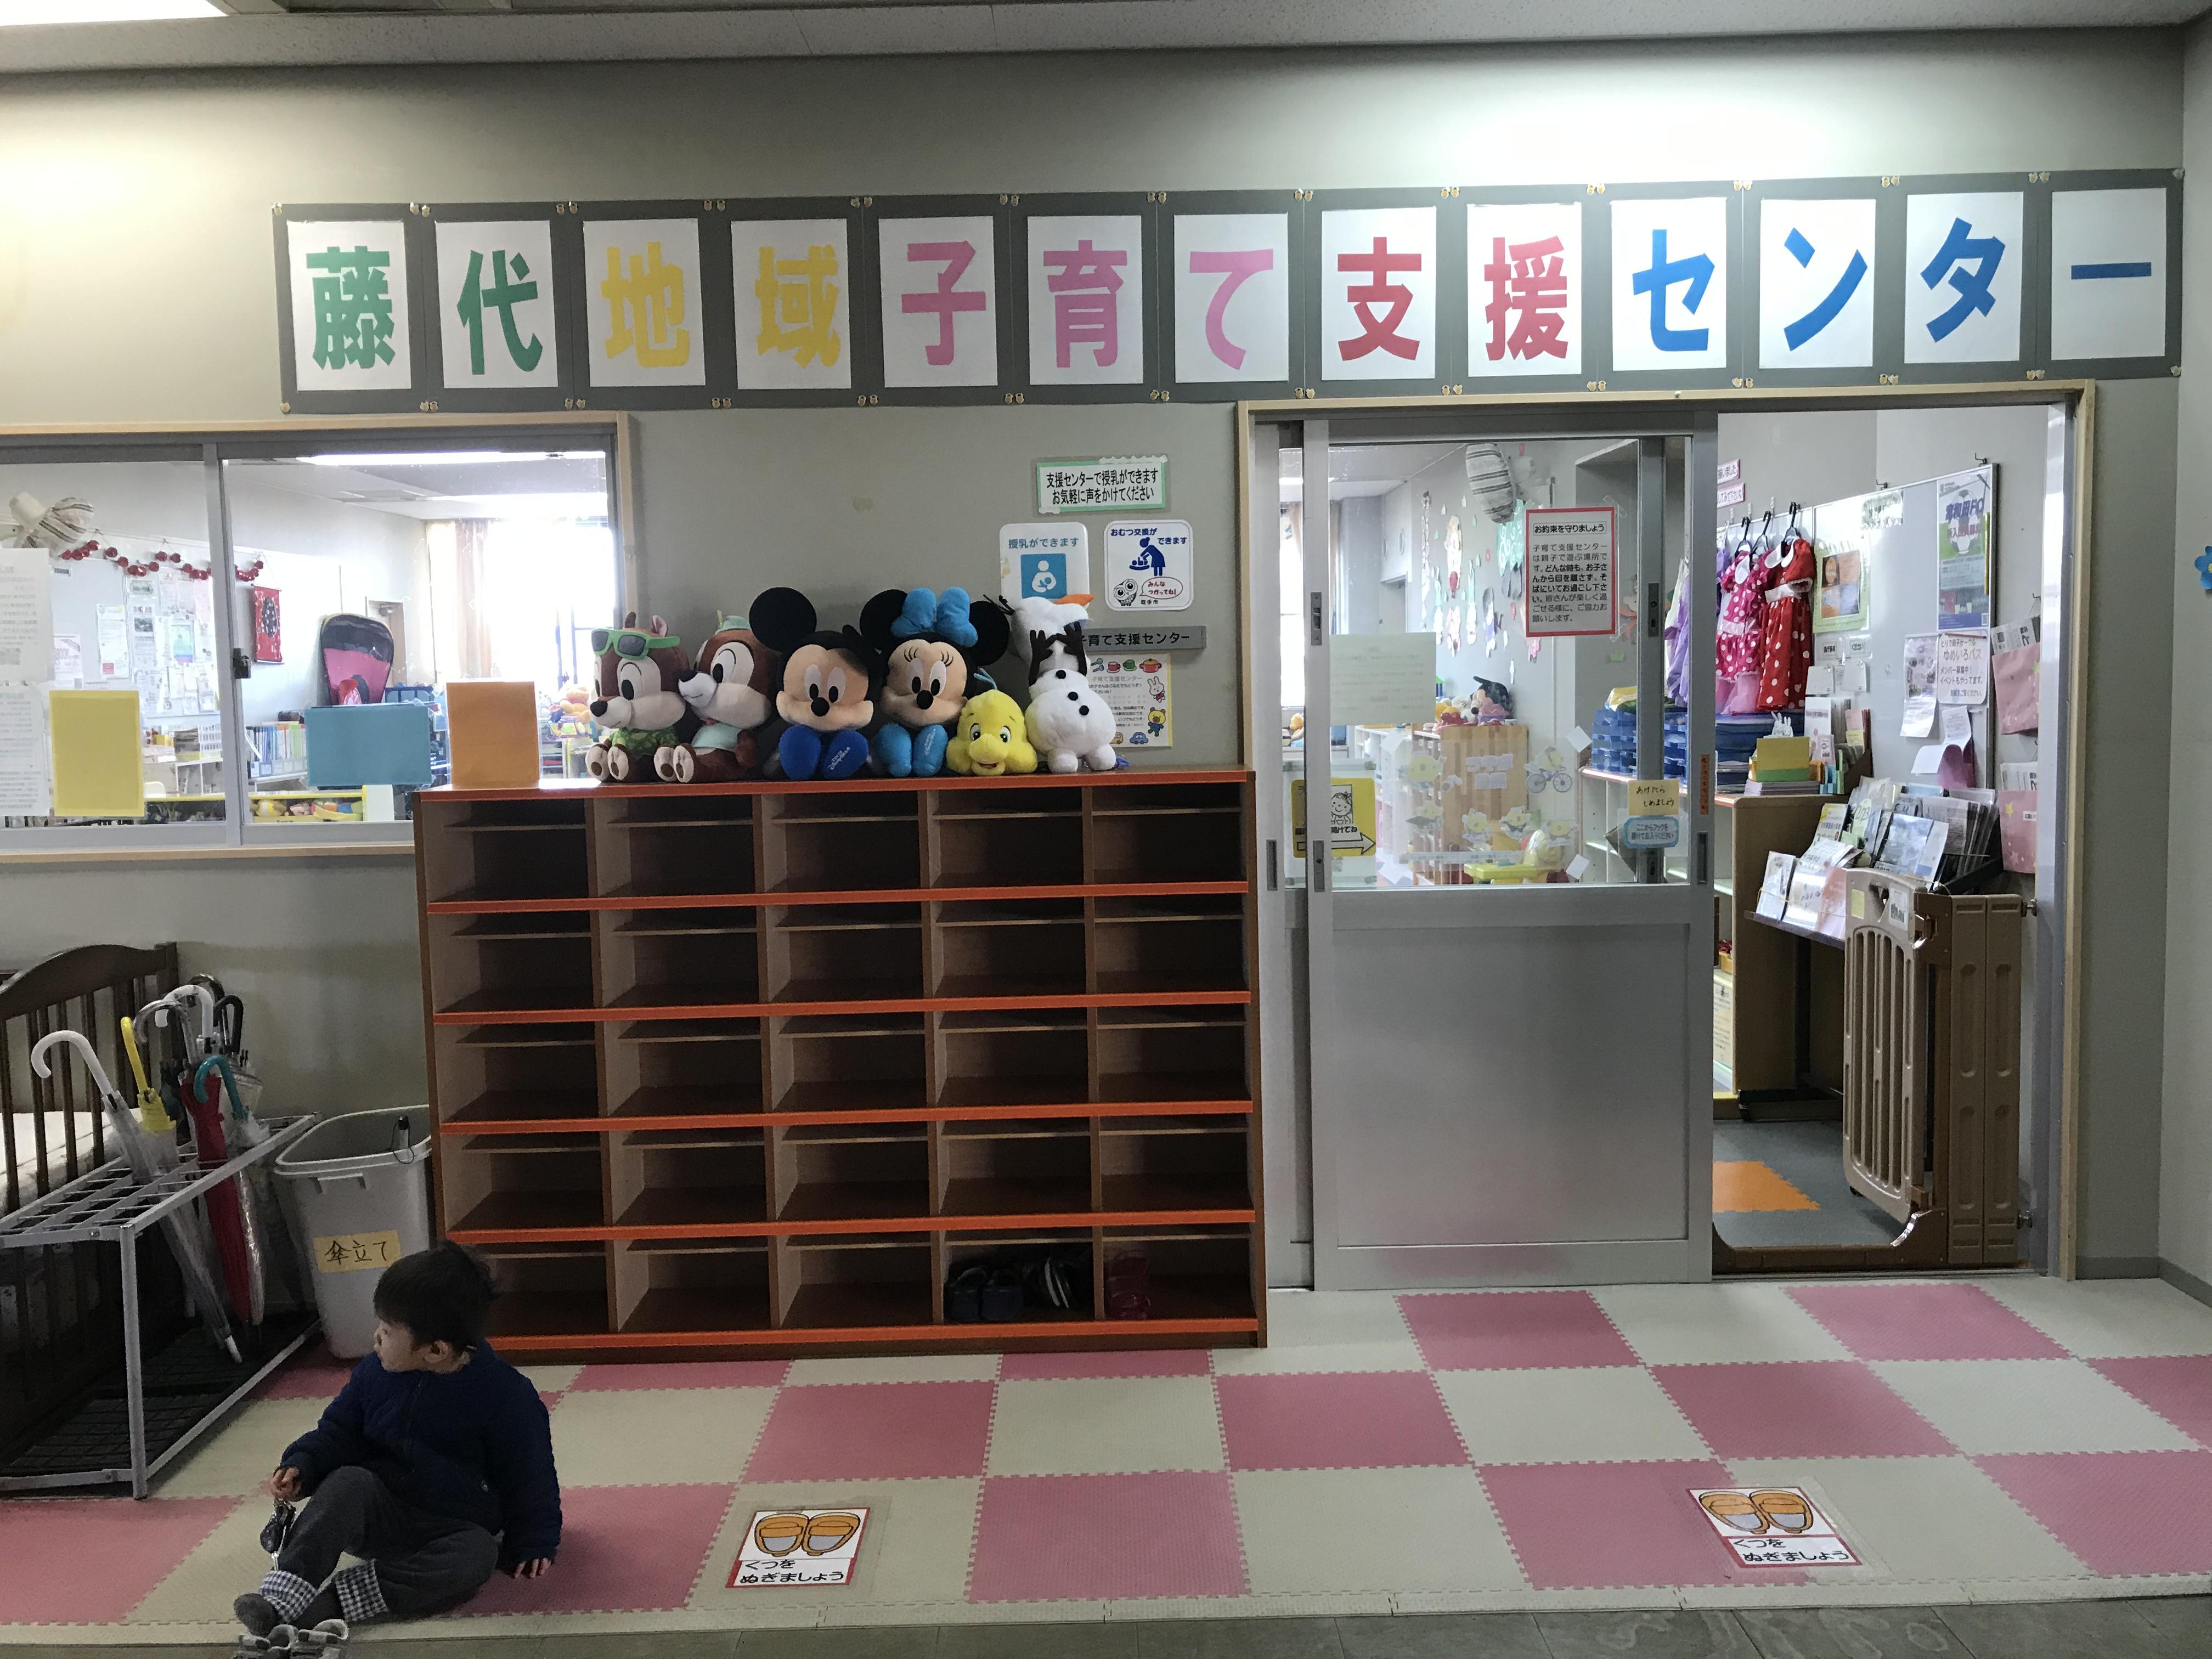 藤代子育て支援センター